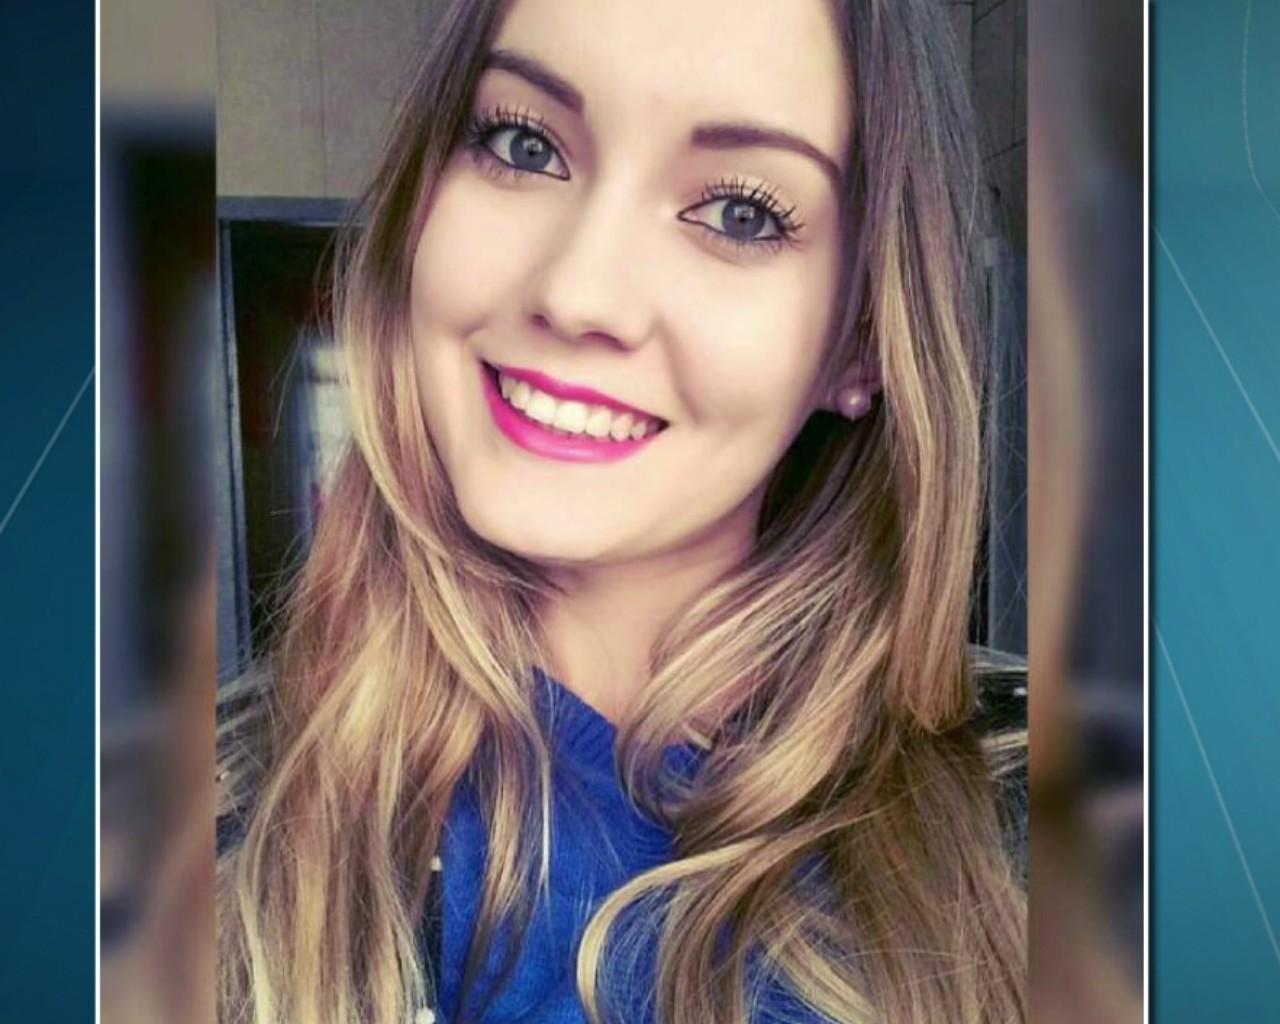 Acusado de matar ex-namorada é condenado por homicídio duplamente qualificado e ocultação de cadáver, em Astorga - Noticias